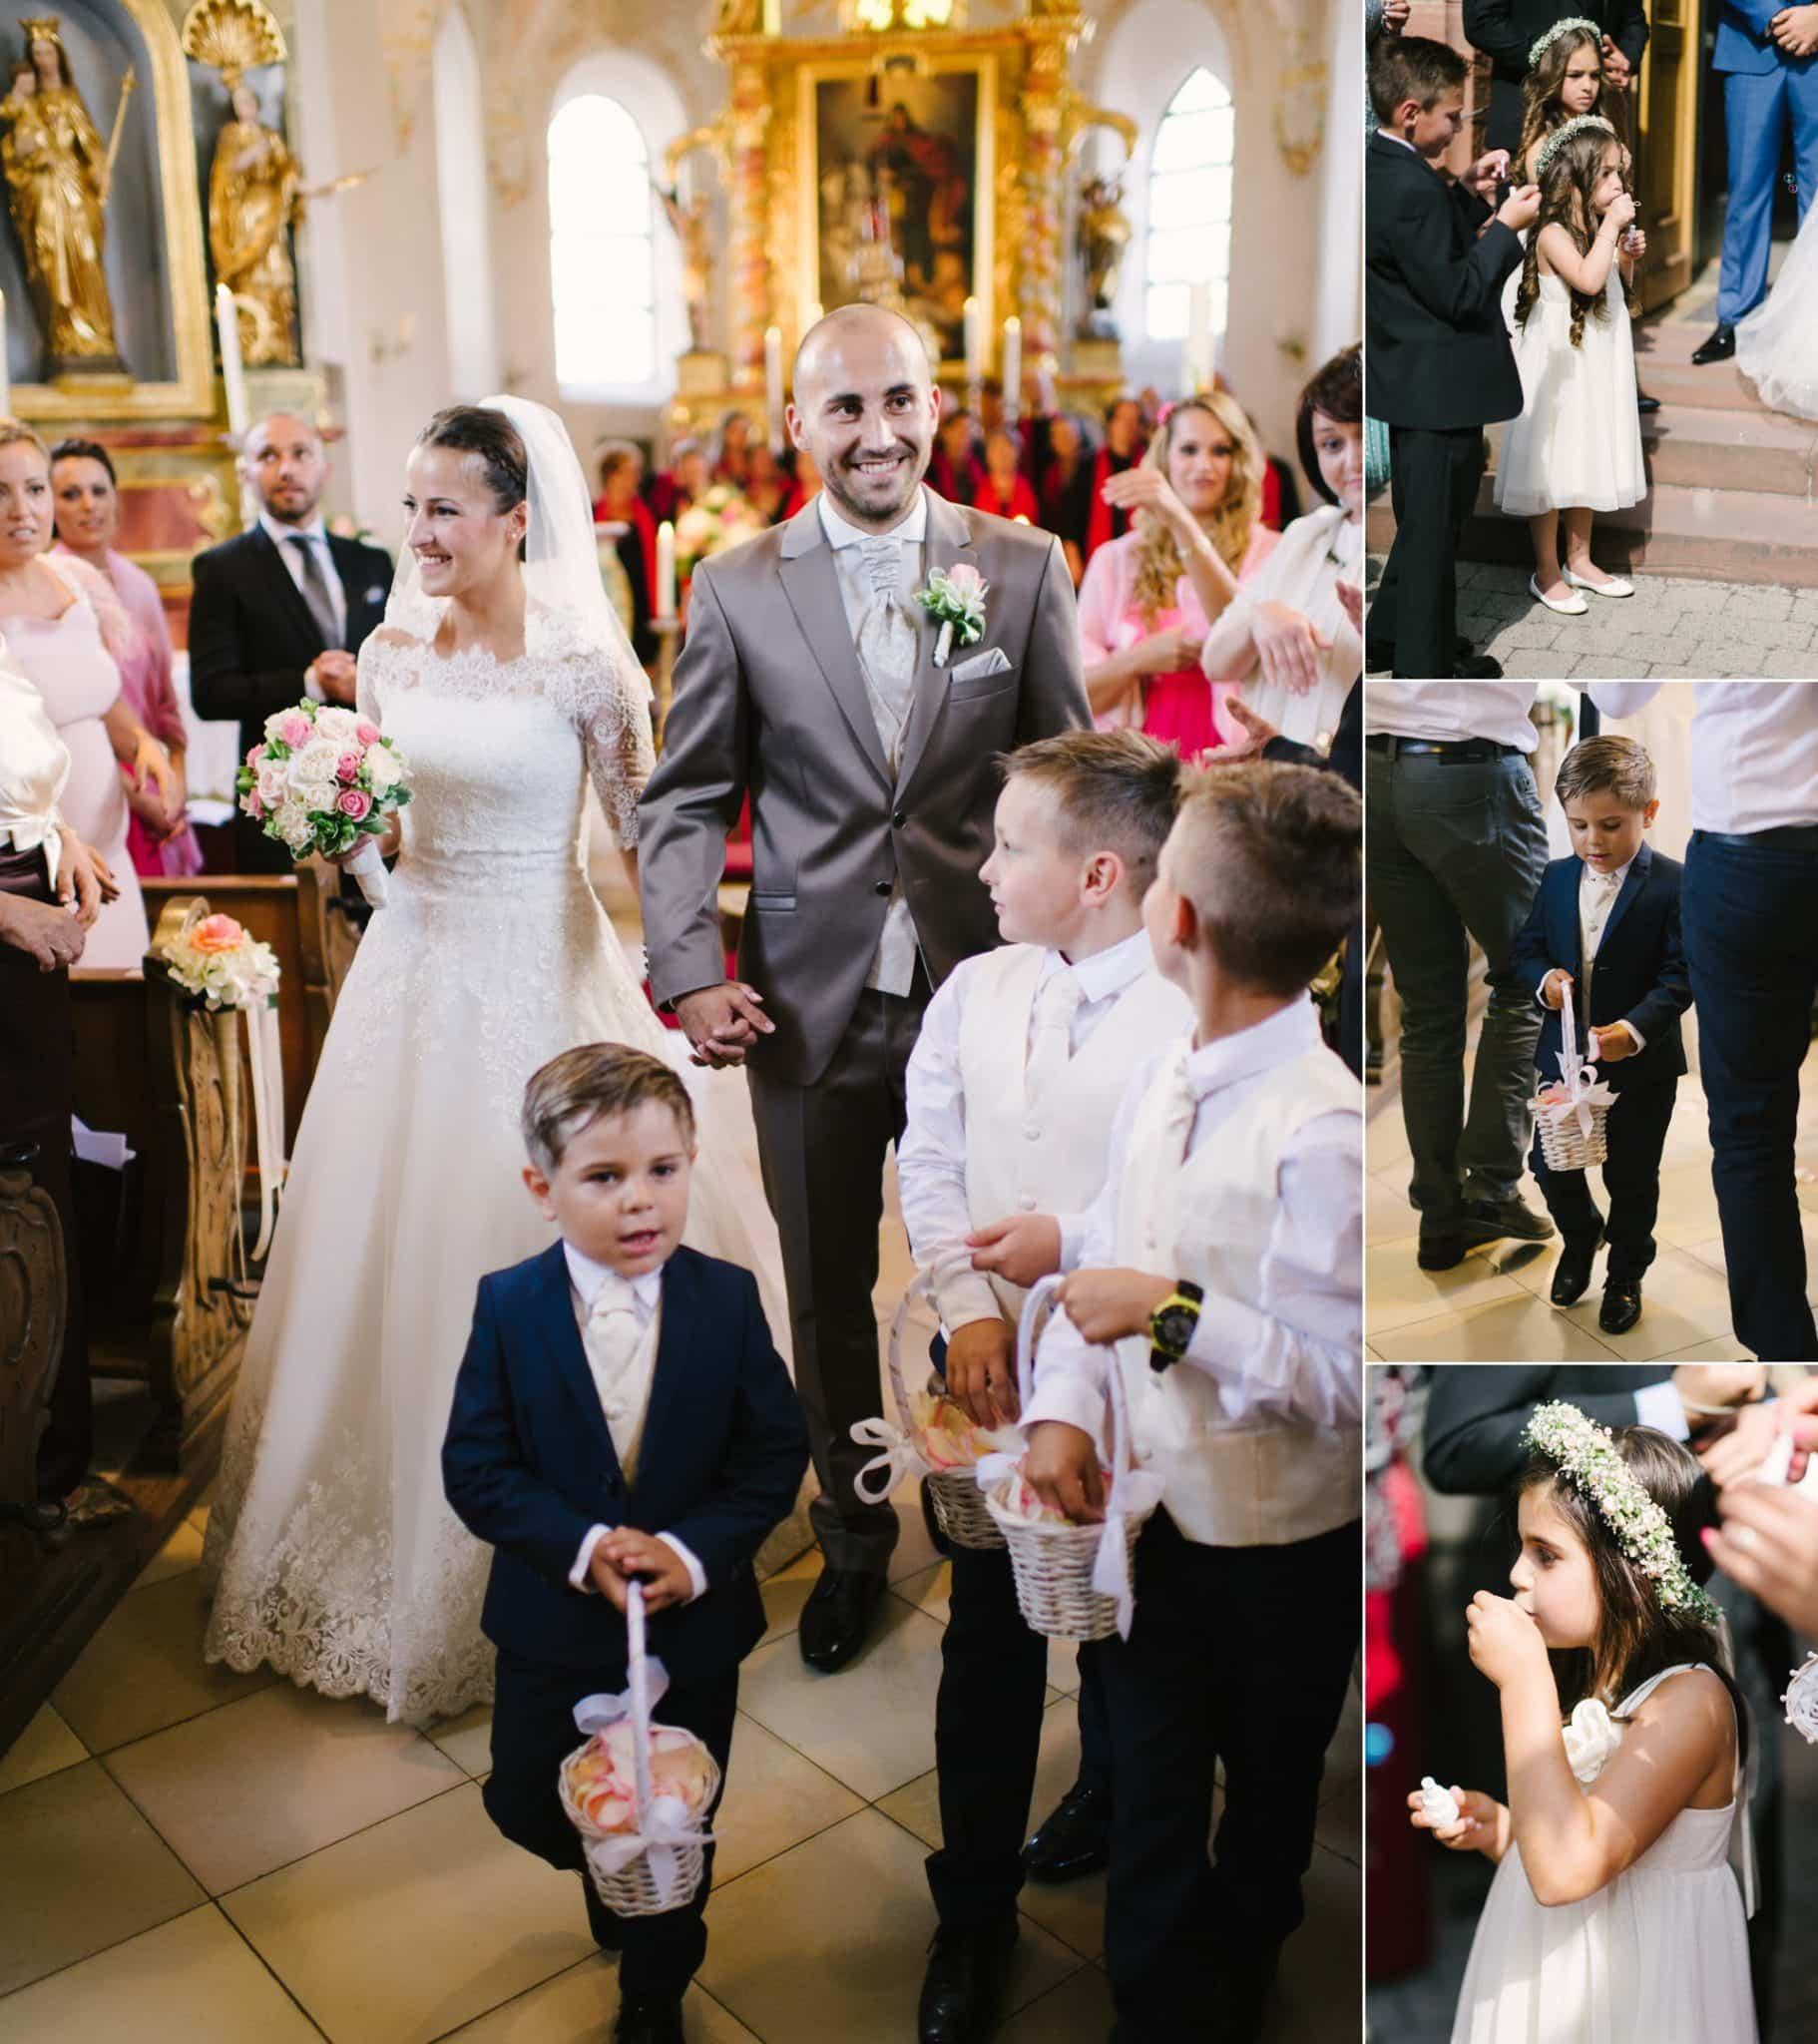 Den Kindern auf der Hochzeit Aufgaben verteilen, sie freuen sich über diese Verantwortung